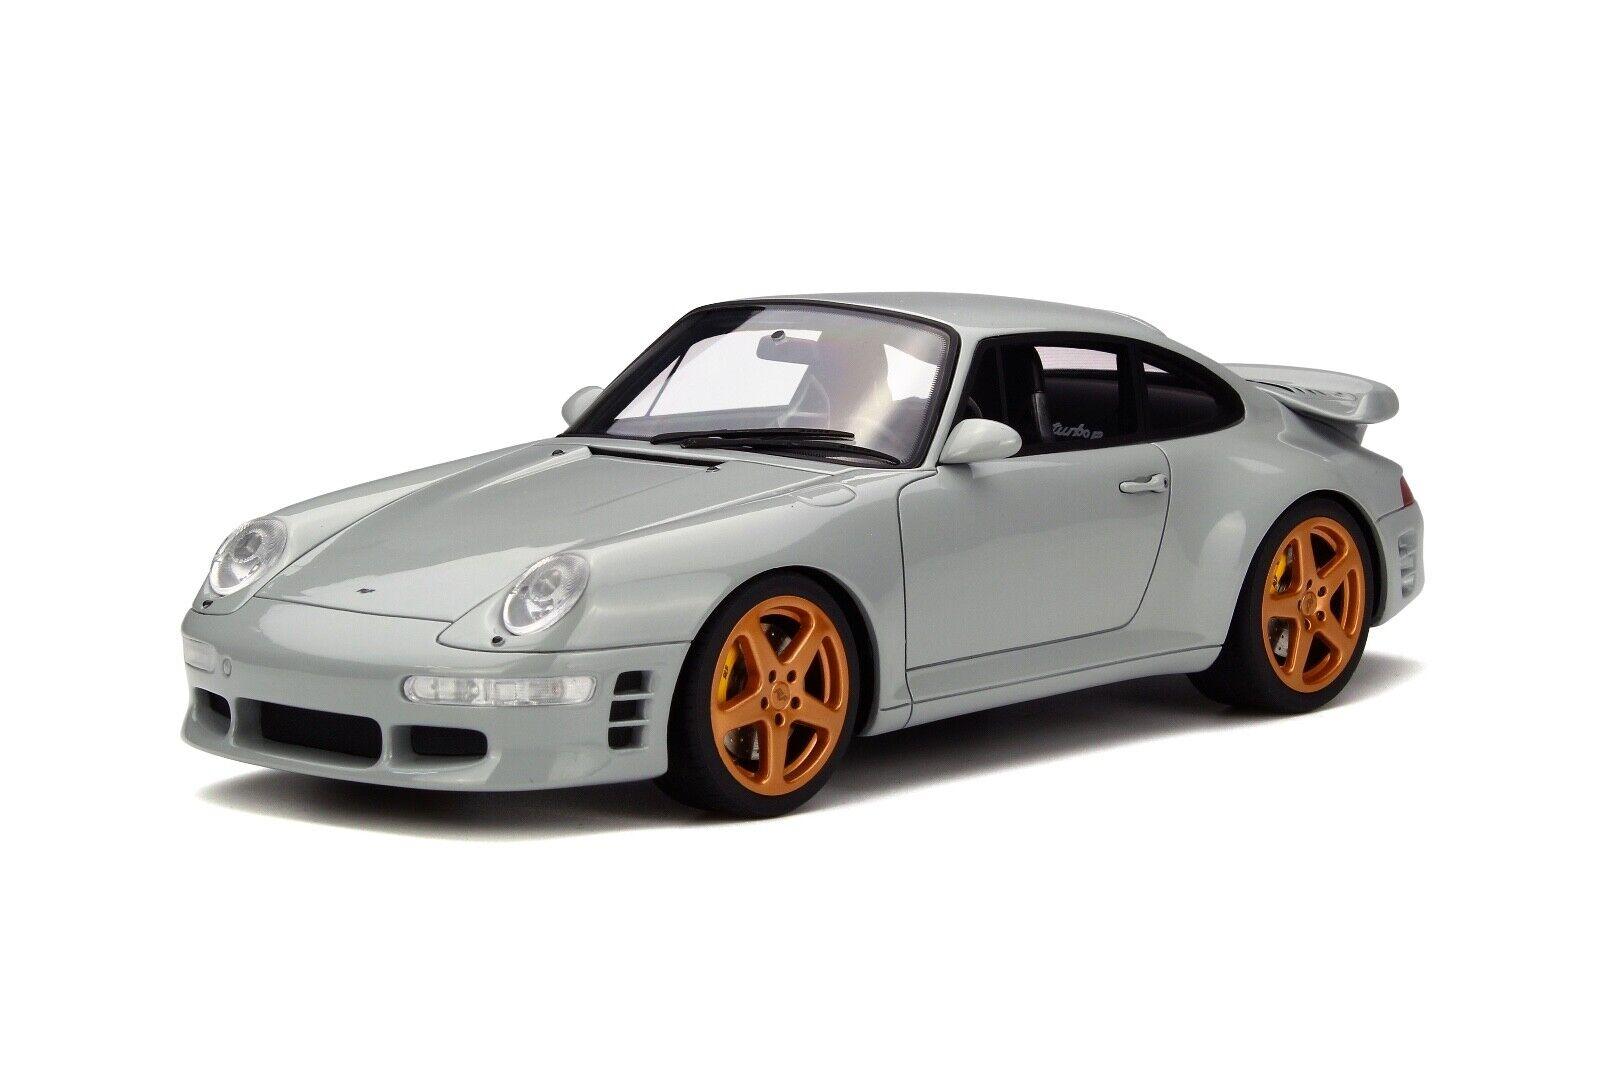 in vendita 1 18 GT Spirit Spirit Spirit Porsche 911 ( 993 ) Turbo R by Ruf in grigio  GT145  stile classico